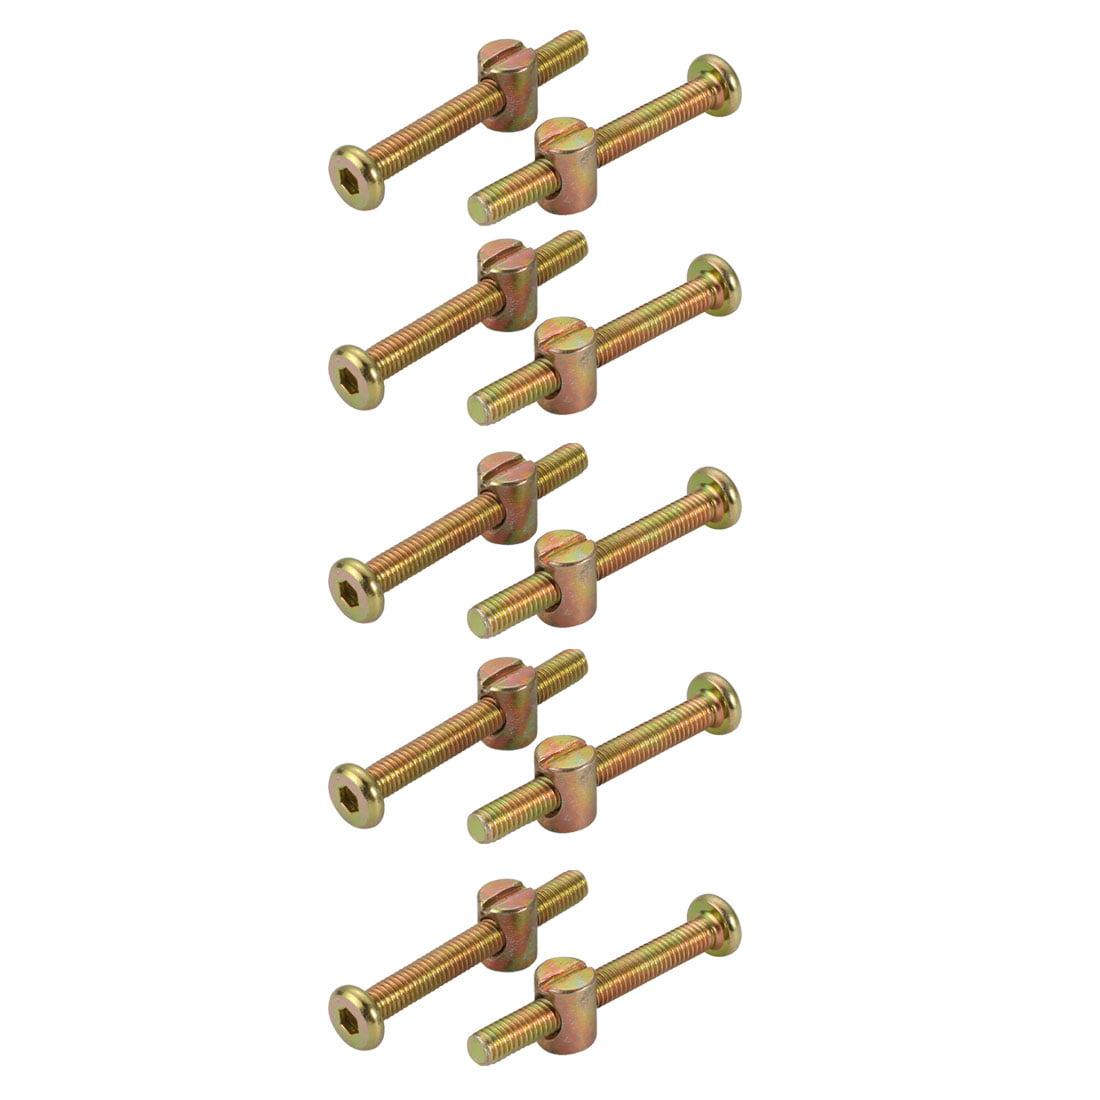 1//8 X 7//16 X 7//32 Oval Head SEMI-Tubular Steel Rivets ZINC Plated/_100 pcs Box